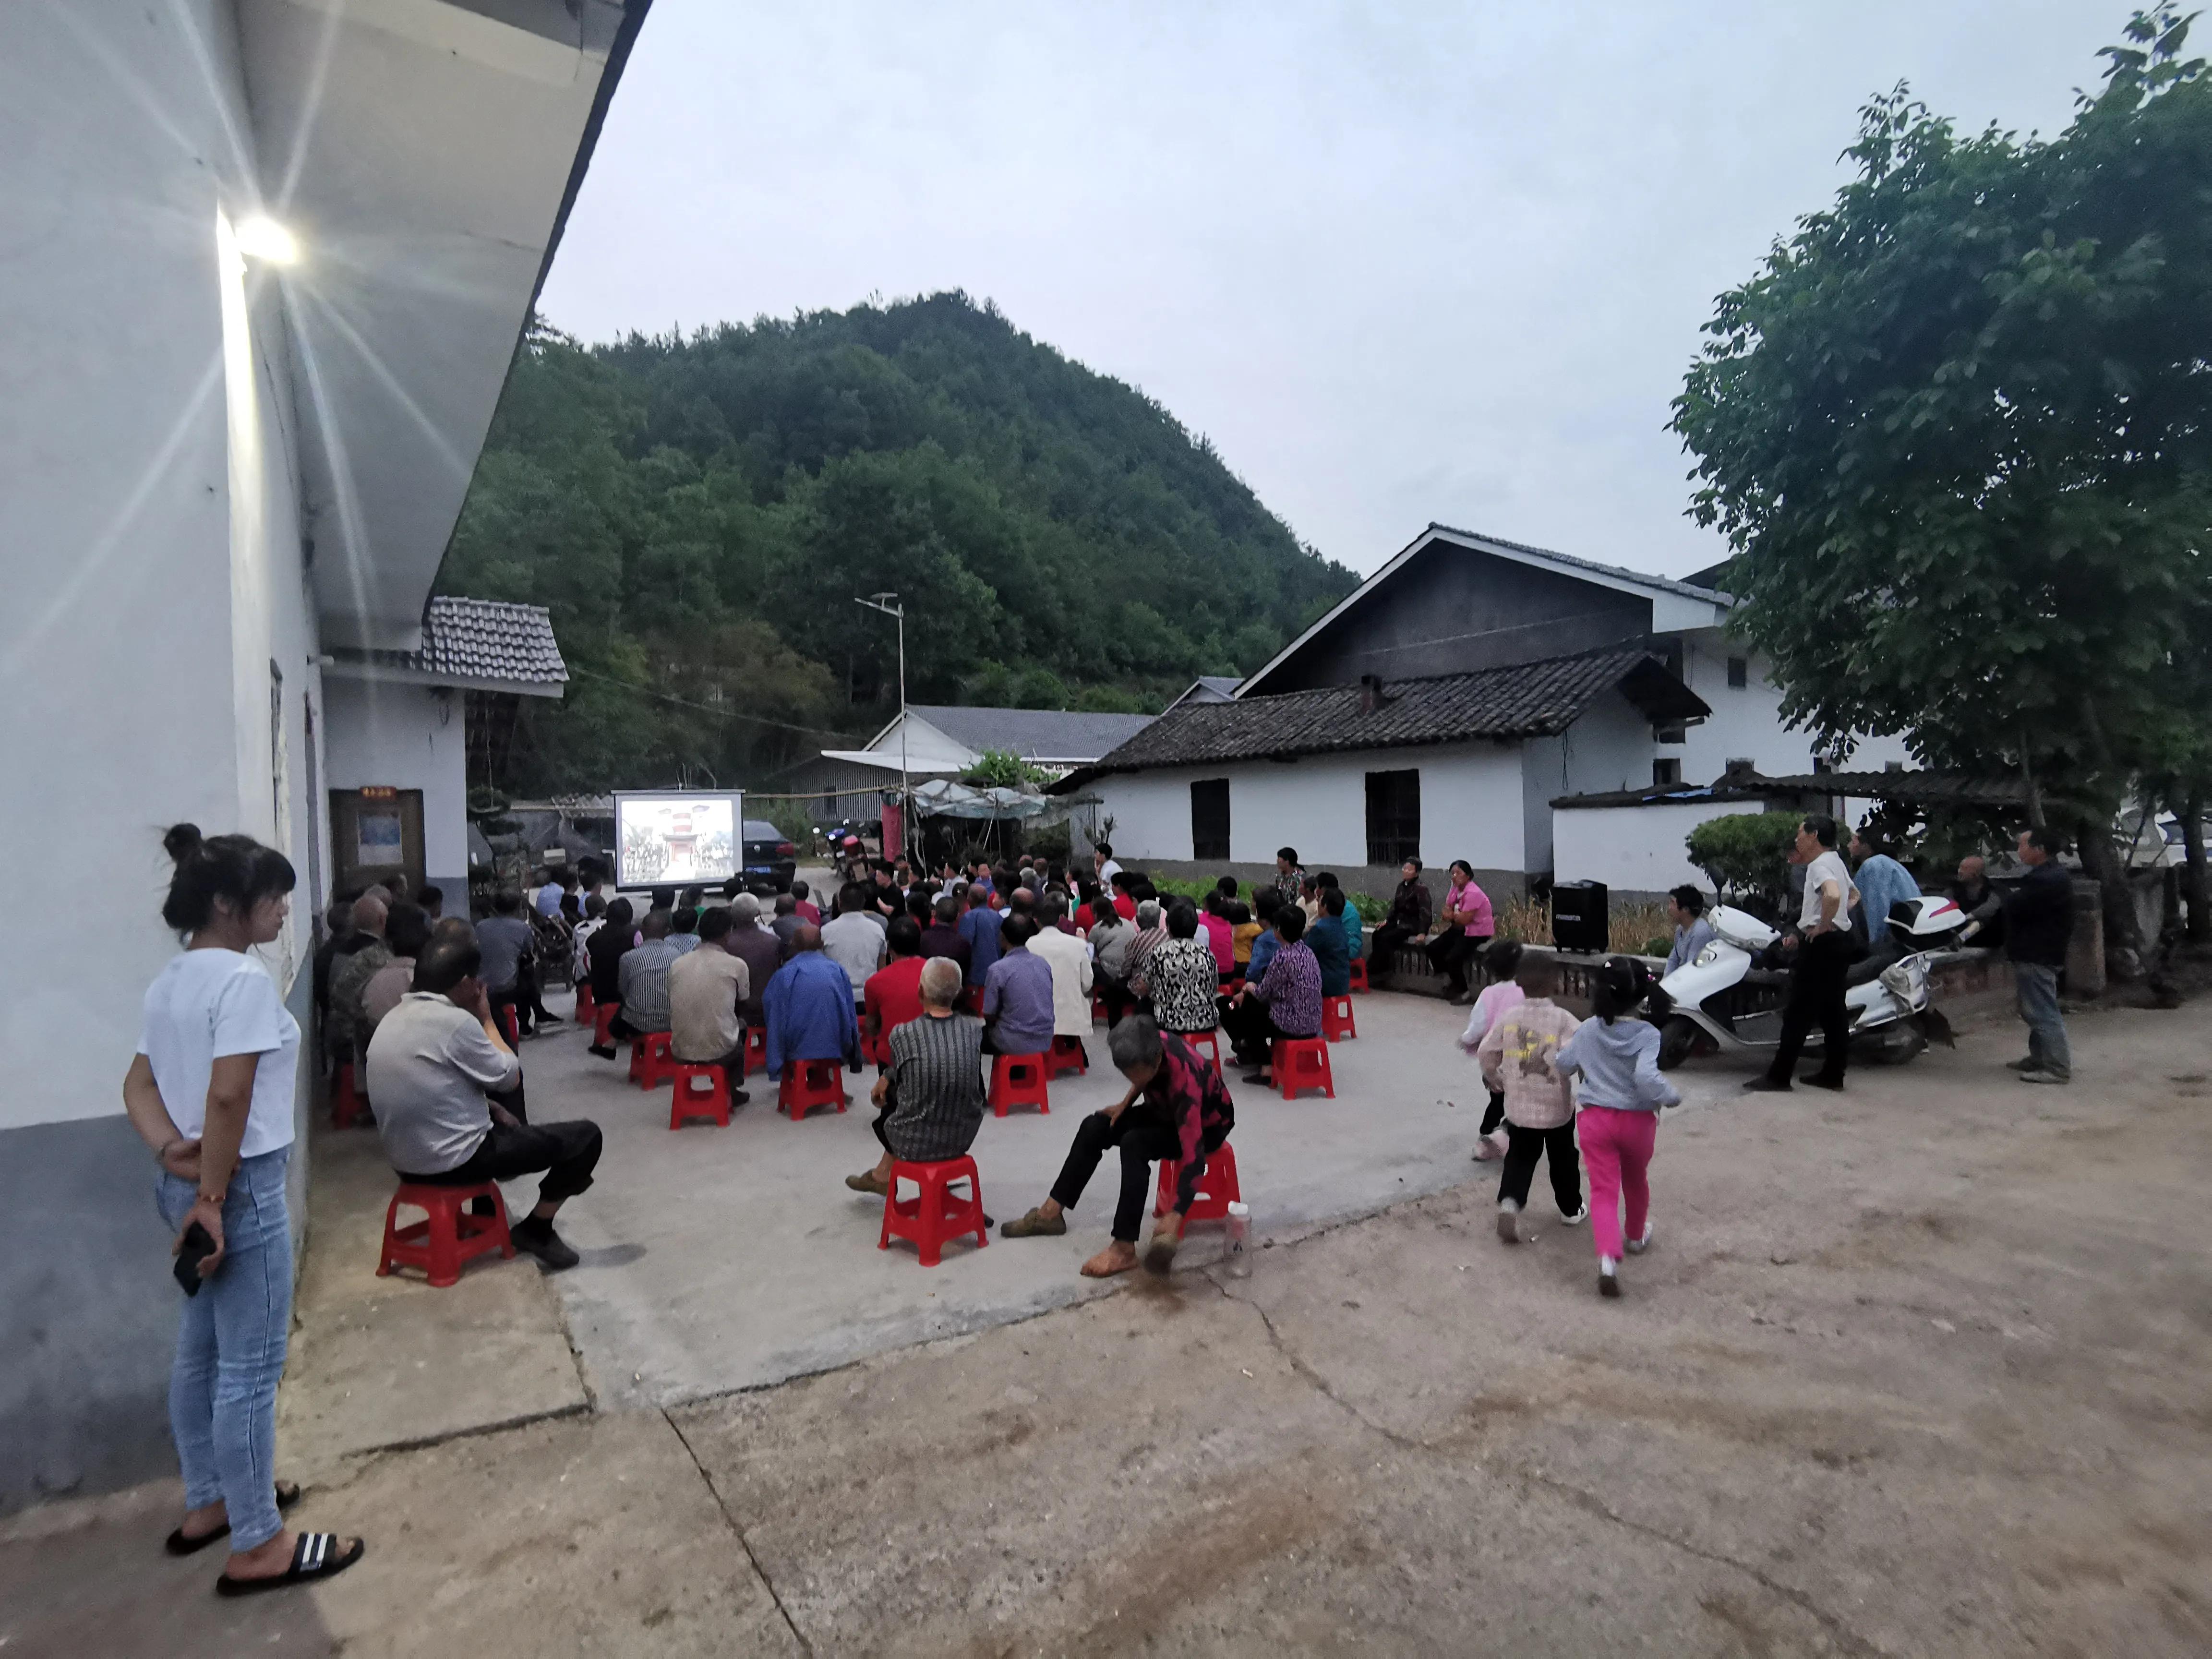 竹山县西河村开展捡拾日活动